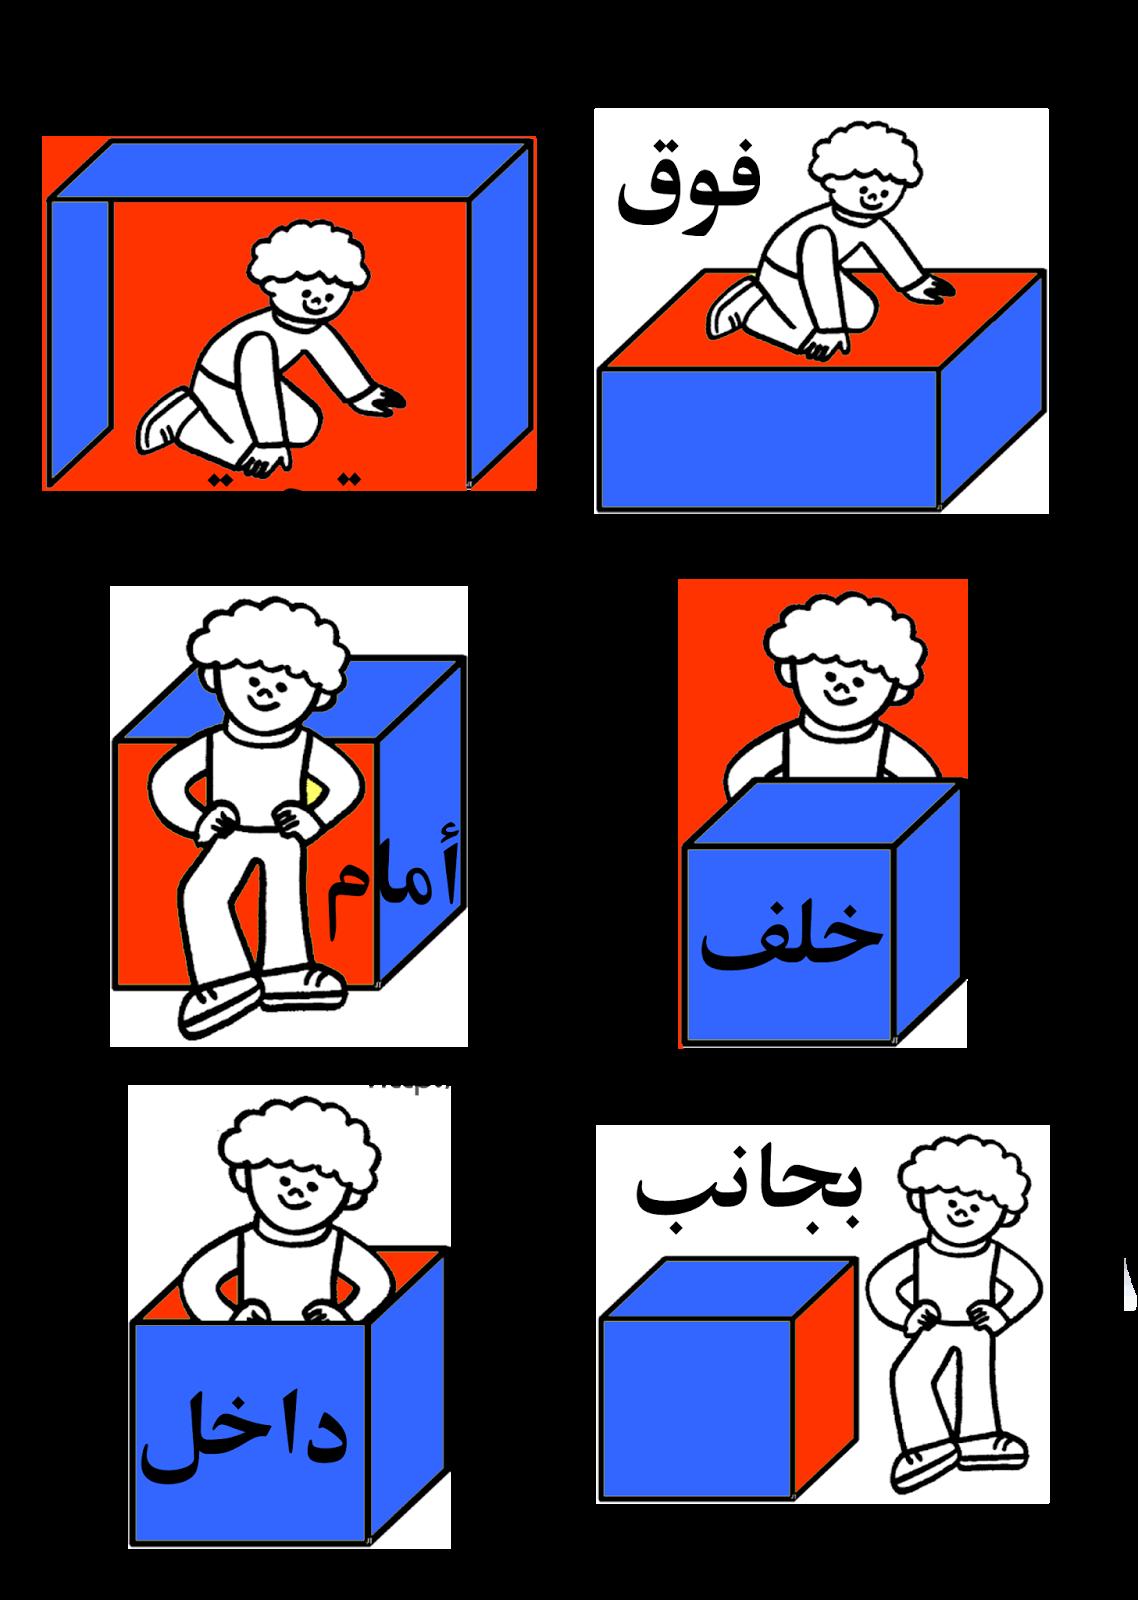 Jawaherpearl Kids أرقام أشكال ألوان رياضيات و حساب Arabic Alphabet For Kids Arabic Kids Learning Arabic